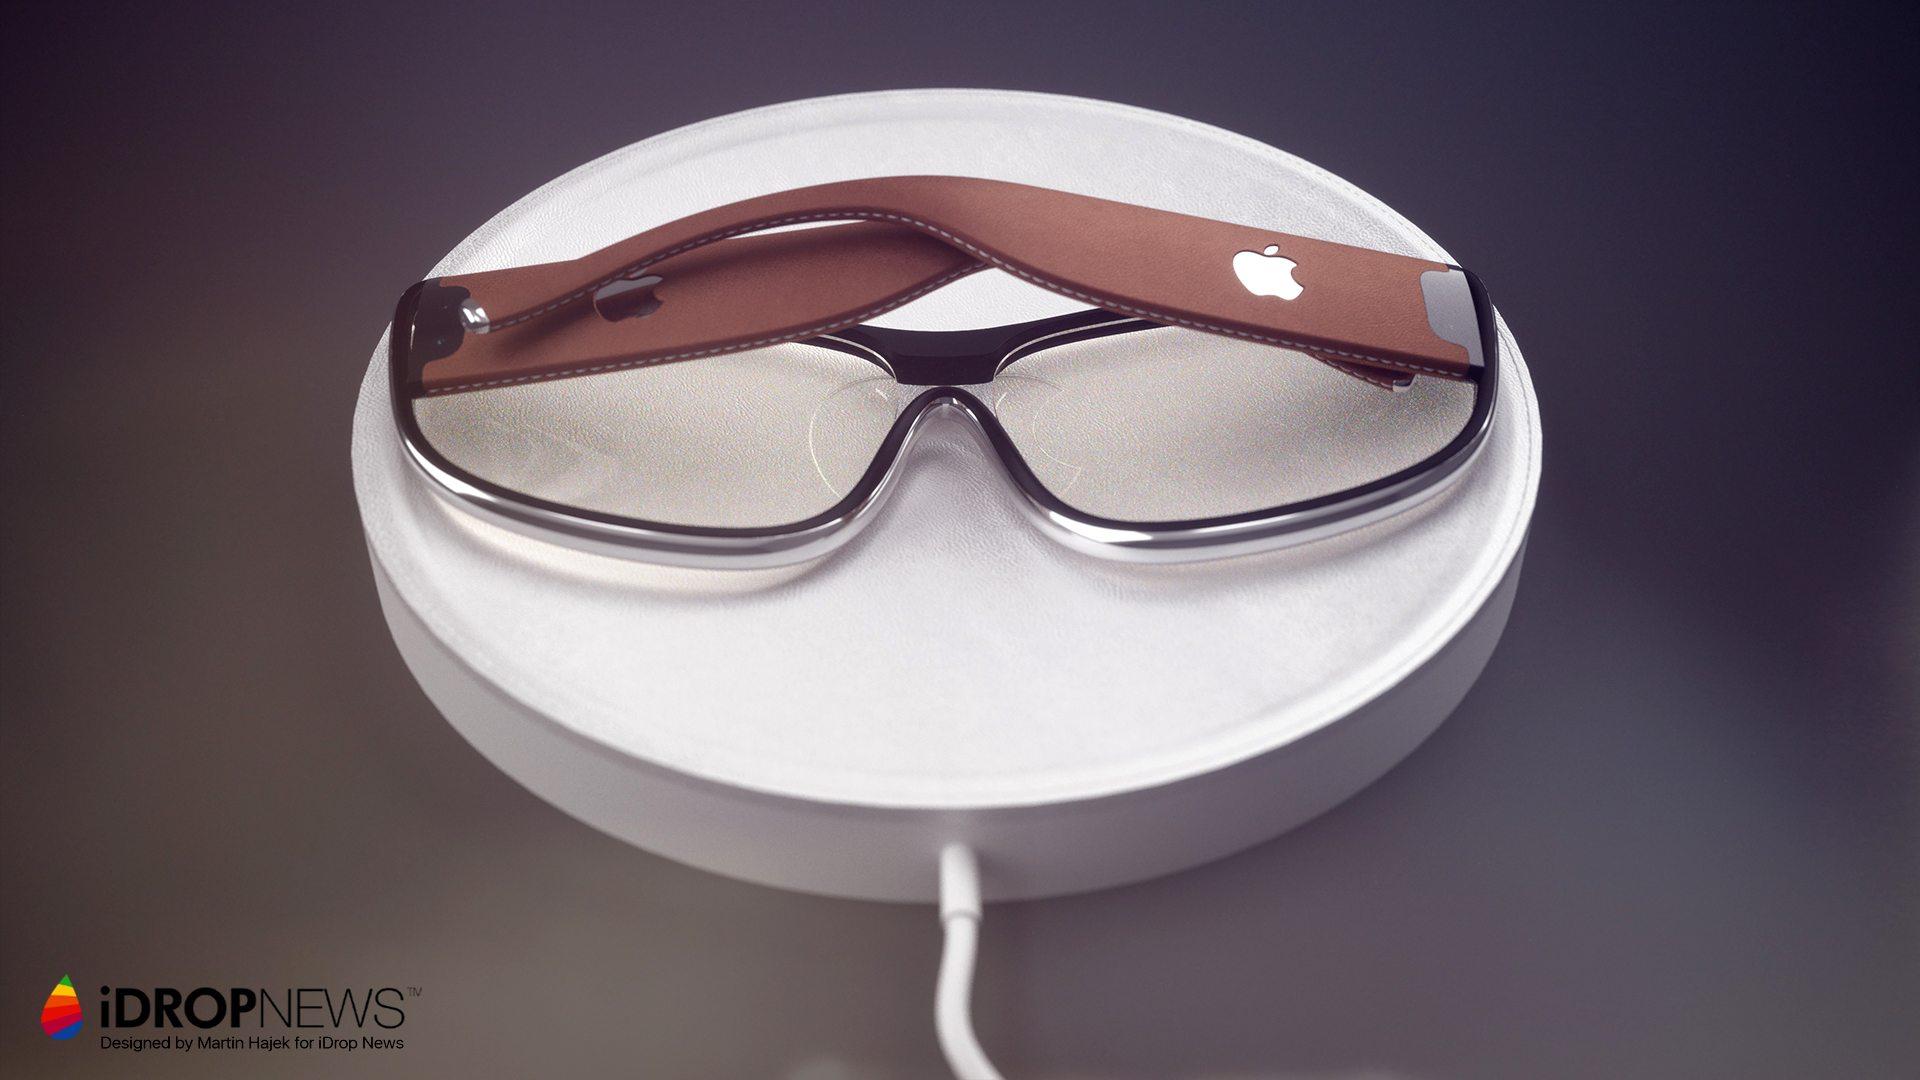 apple-glass-ar-glasses-idrop-news-x-martin-hajek-6